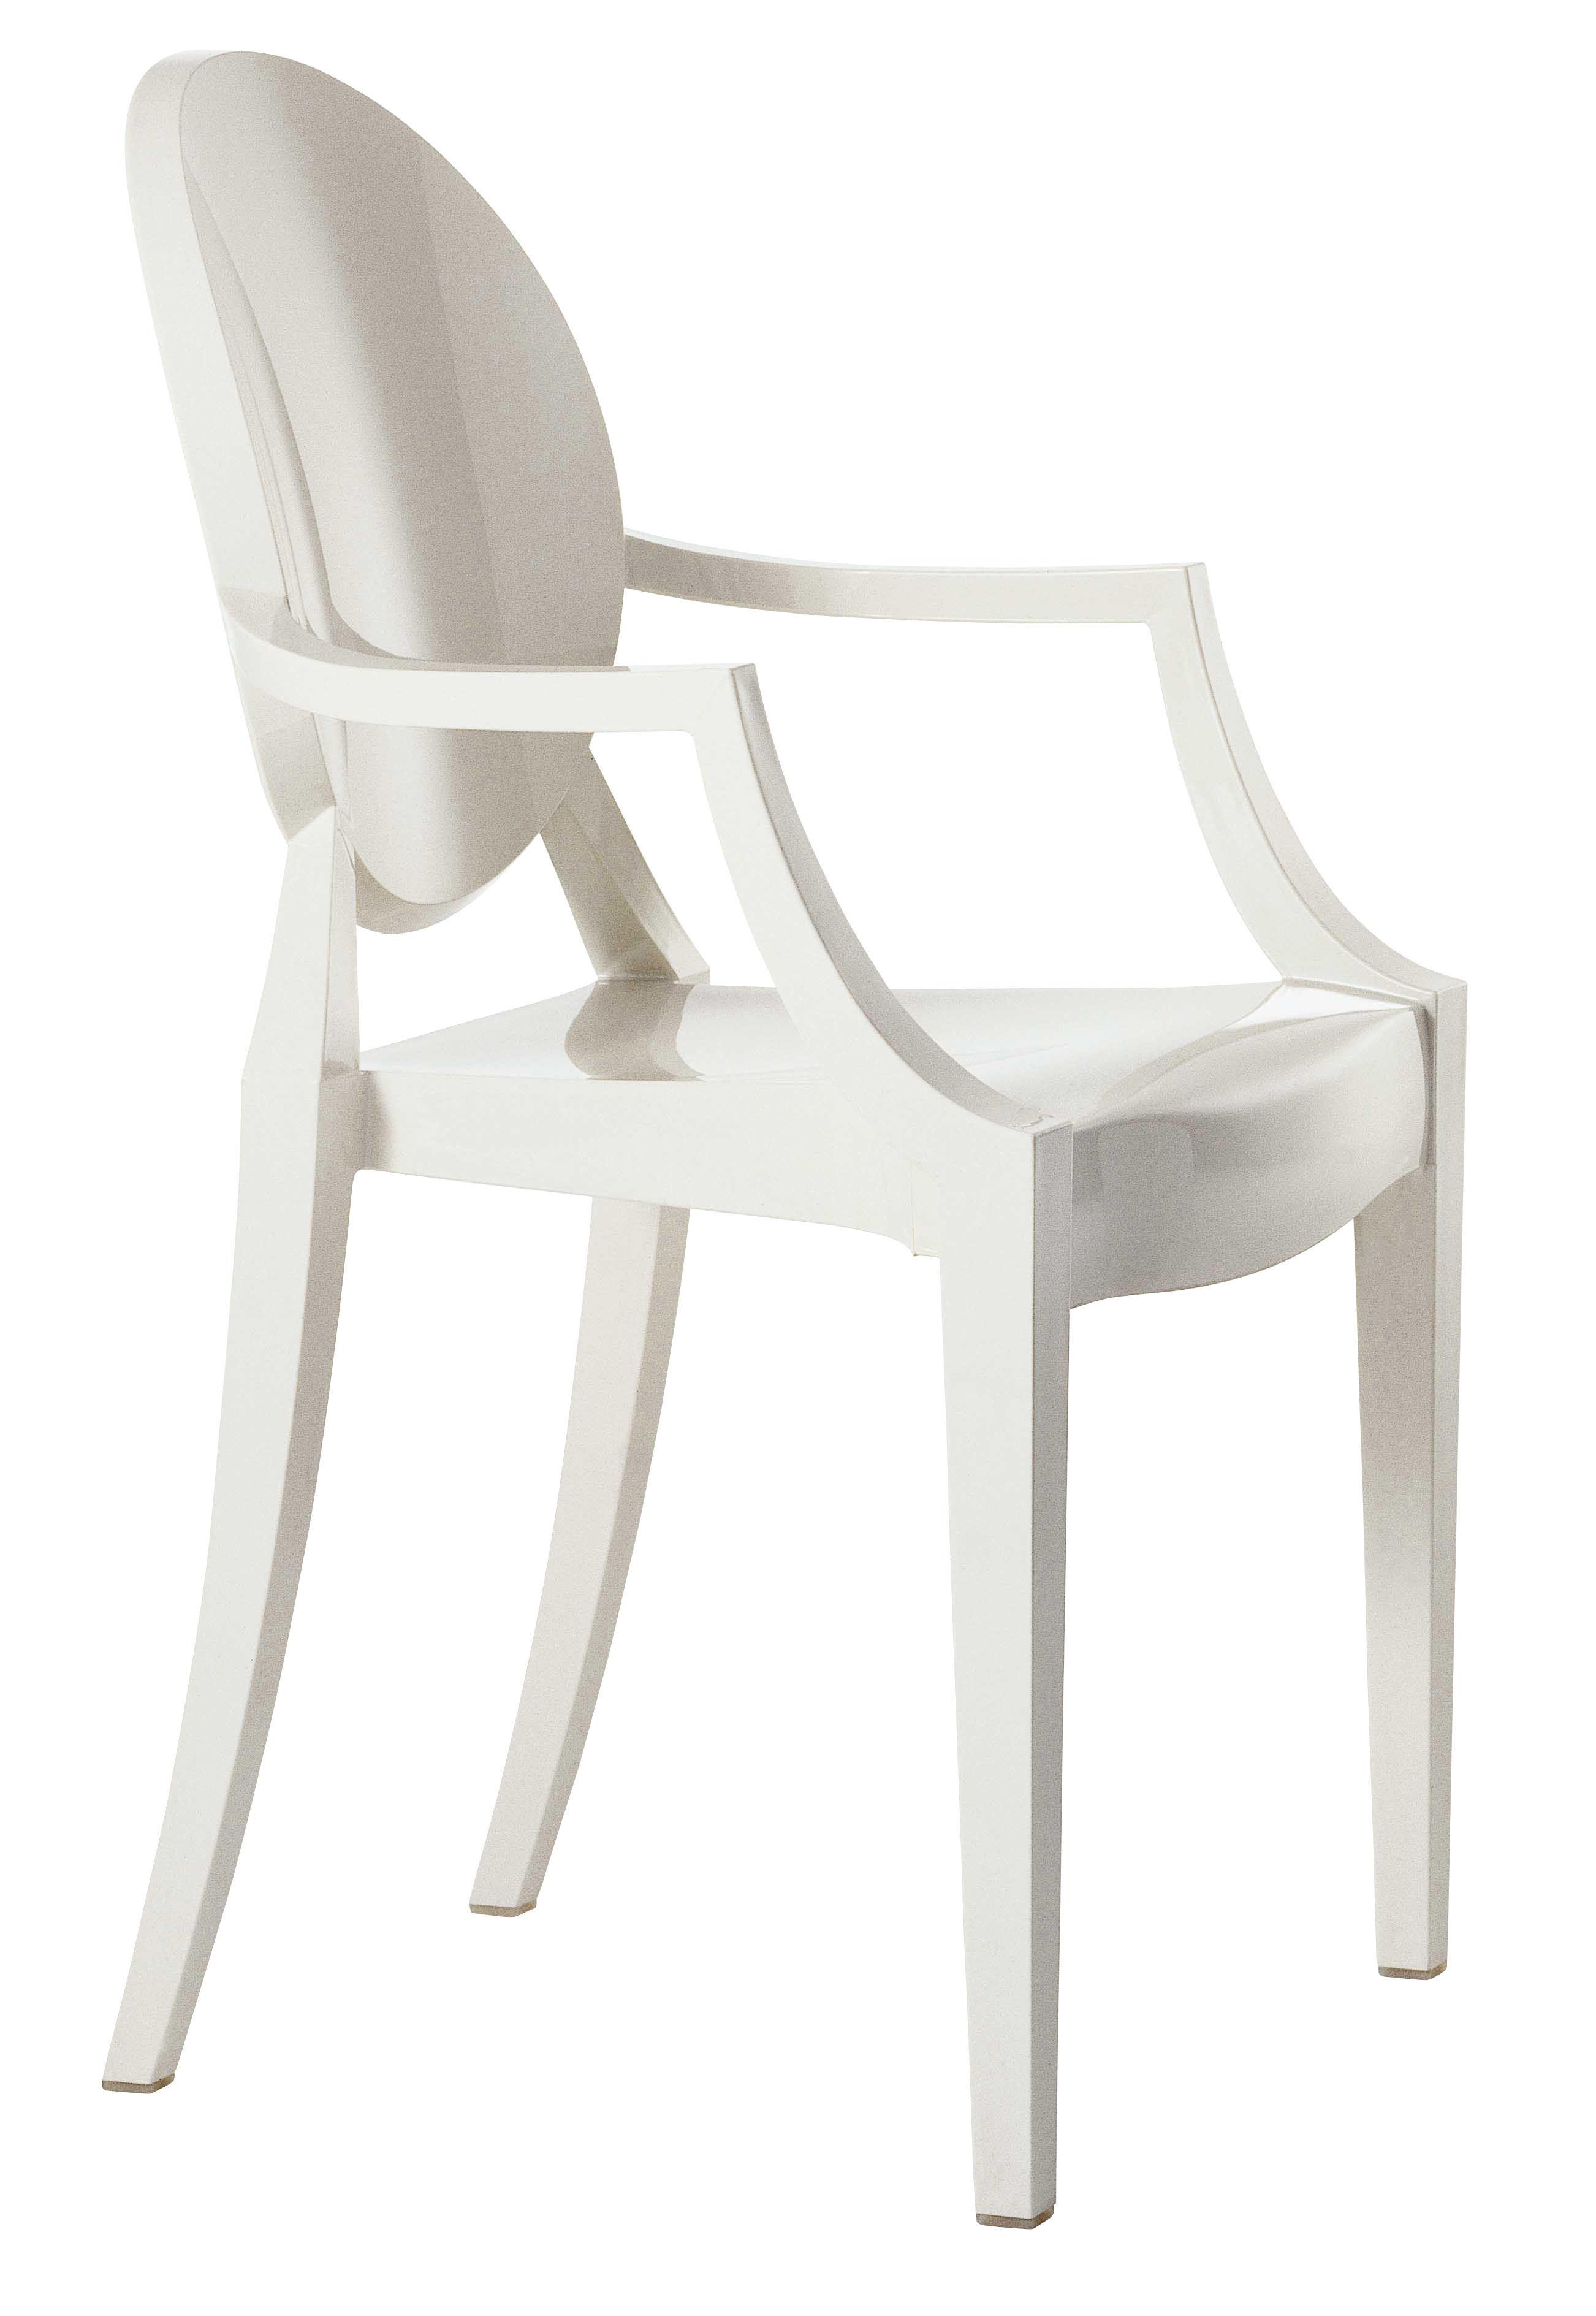 Mobilier - Chaises, fauteuils de salle à manger - Fauteuil empilable Louis Ghost / Polycarbonate - Kartell - Blanc opaque - Polycarbonate